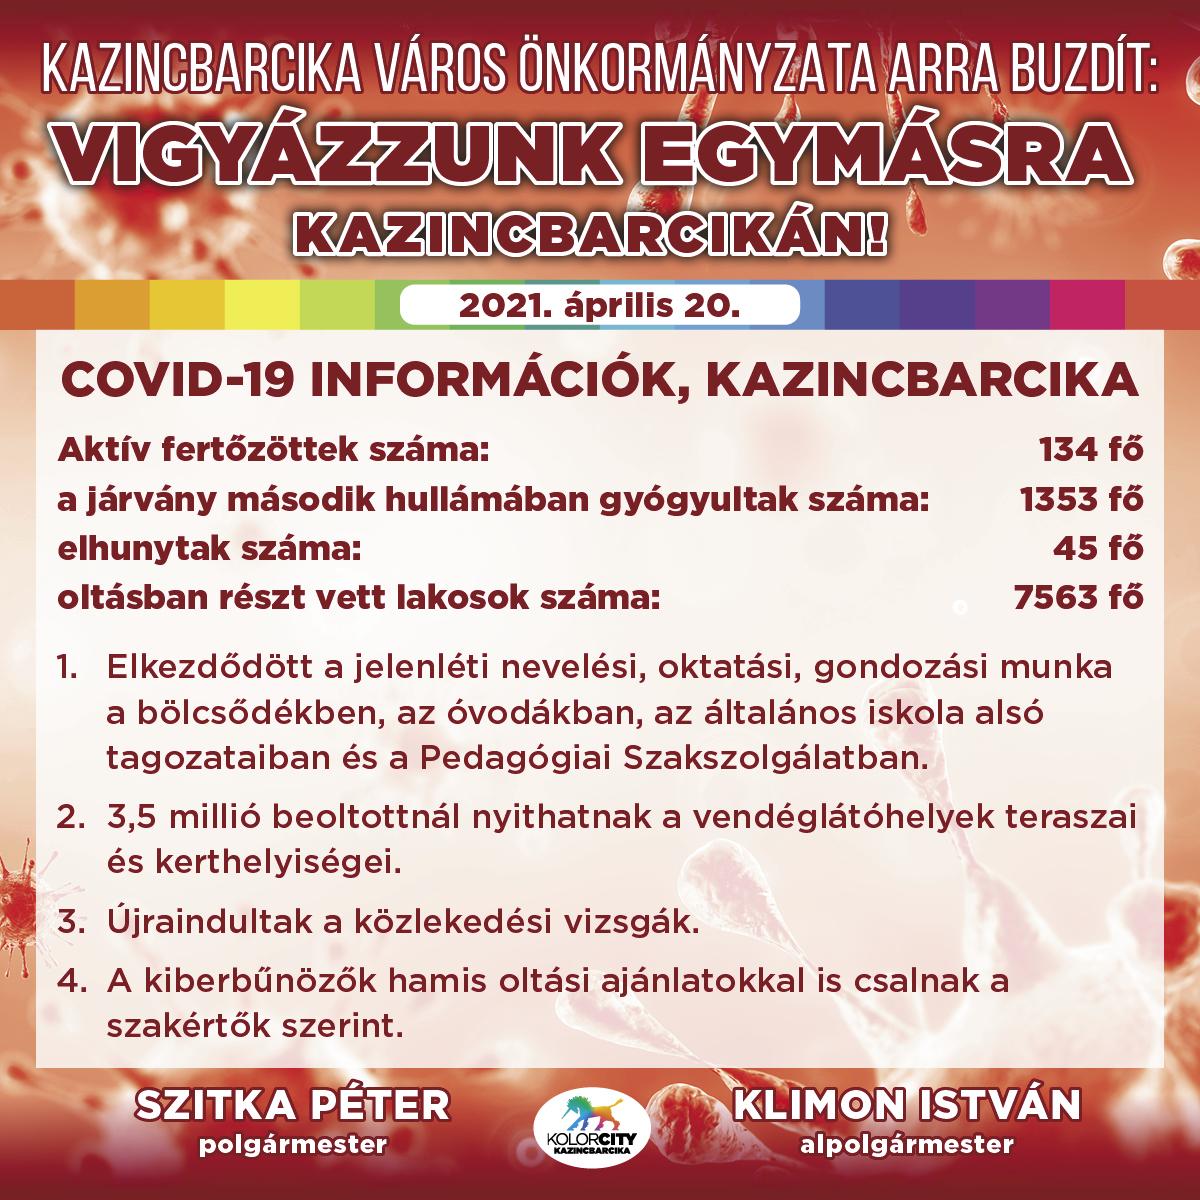 https://kolorline.hu/Vigyázzunk egymásra Kazincbarcikán! – 2021. április 20.